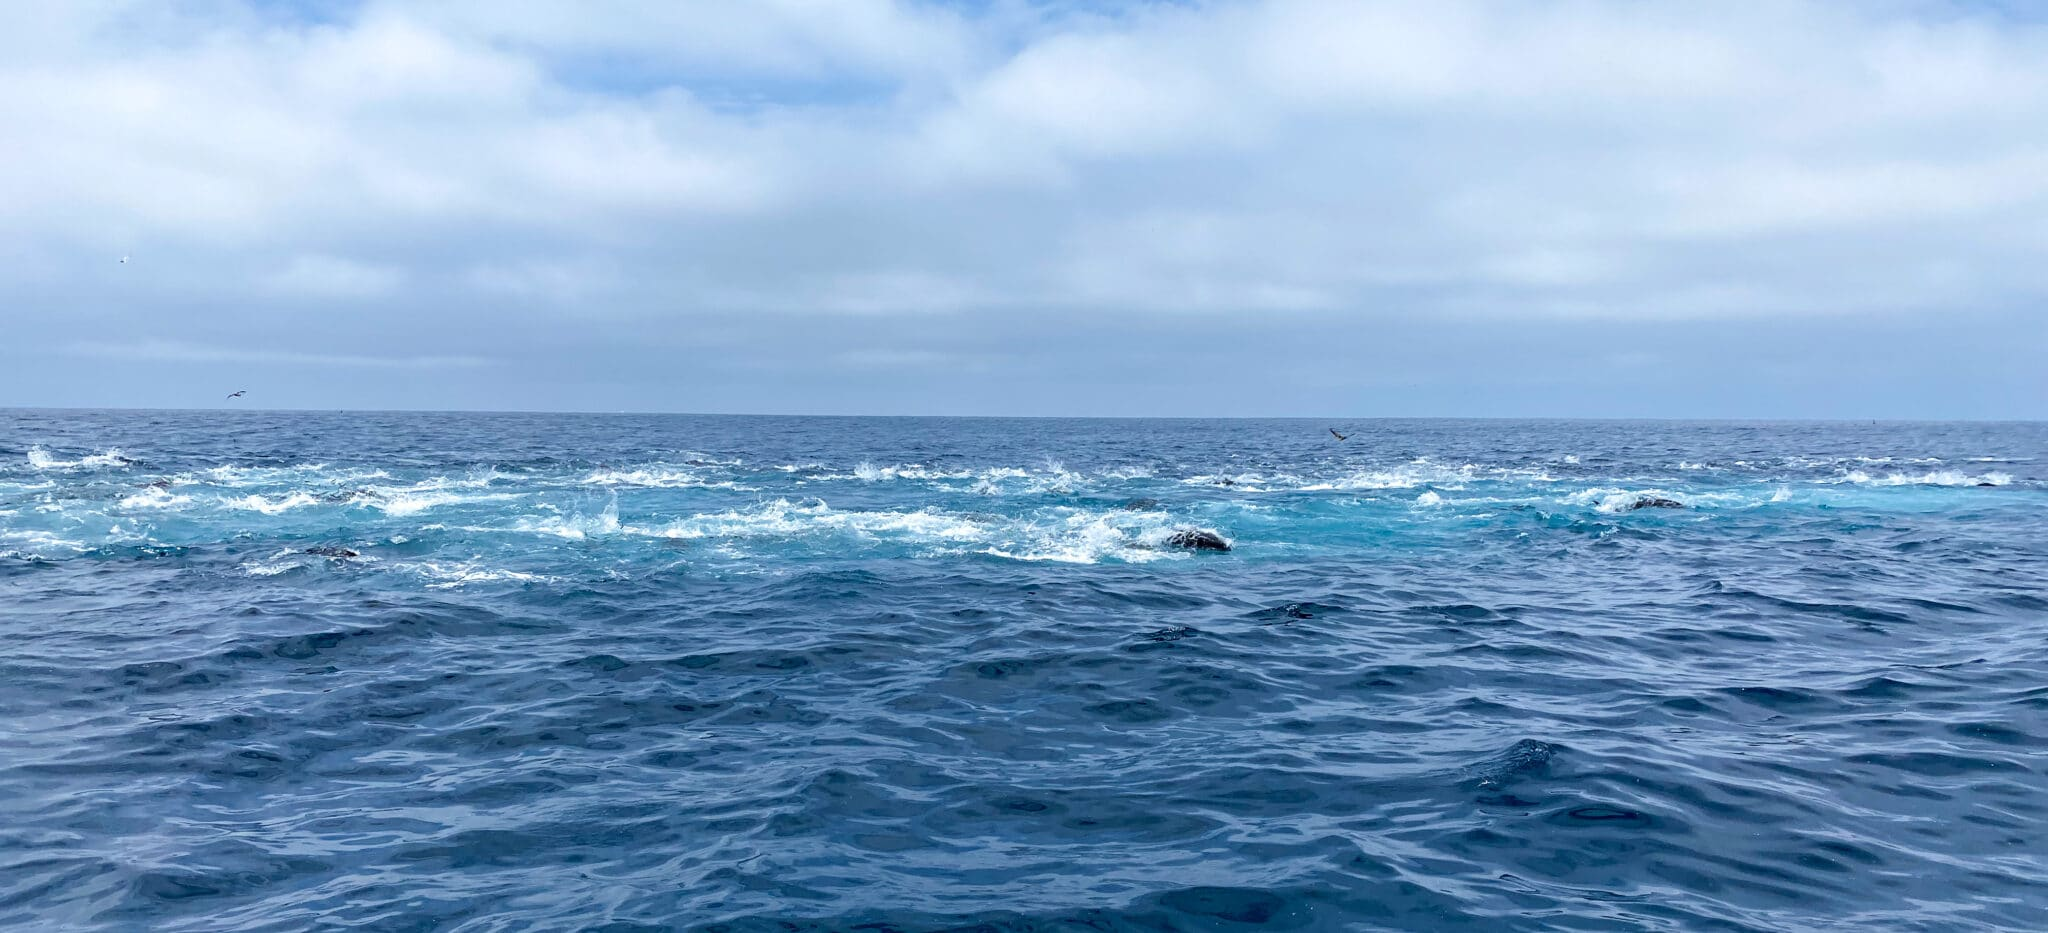 Bluefin Tuna Foamer